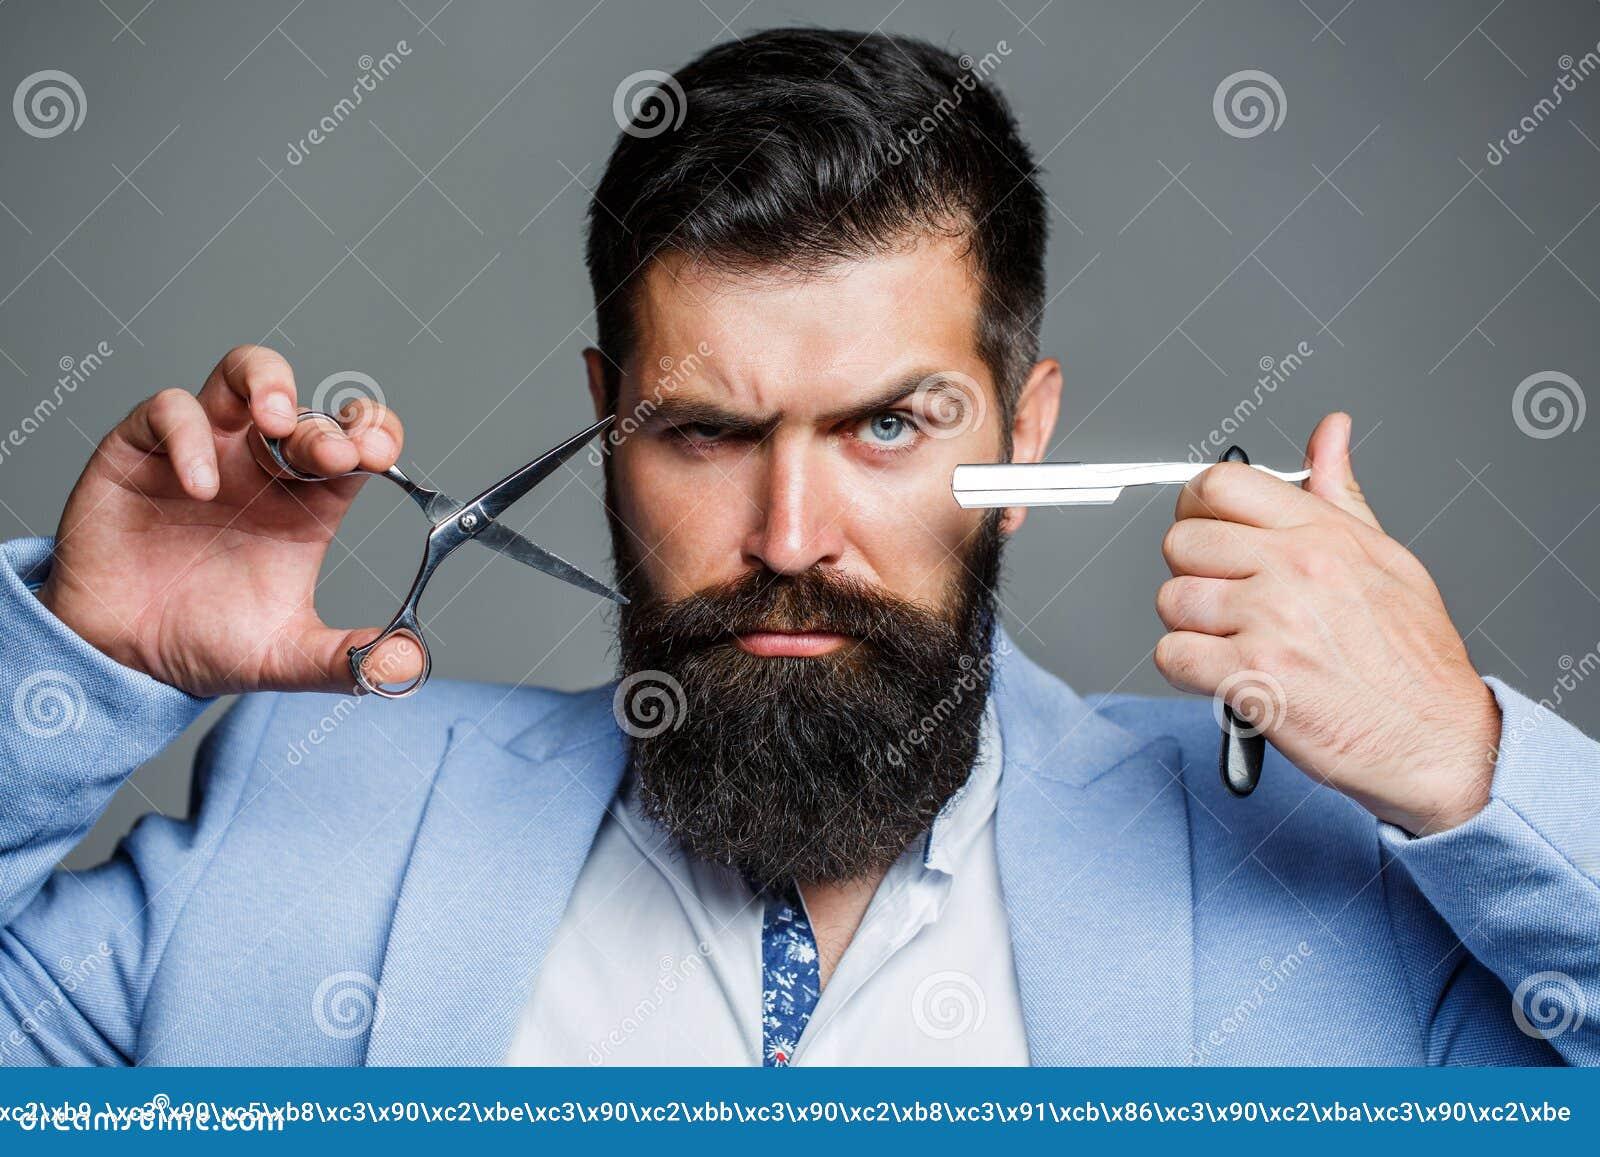 Skäggman, skäggig man Ståendeskäggman Barberaresaxen och den raka rakkniven, barberare shoppar, passar Tappningfrisersalong